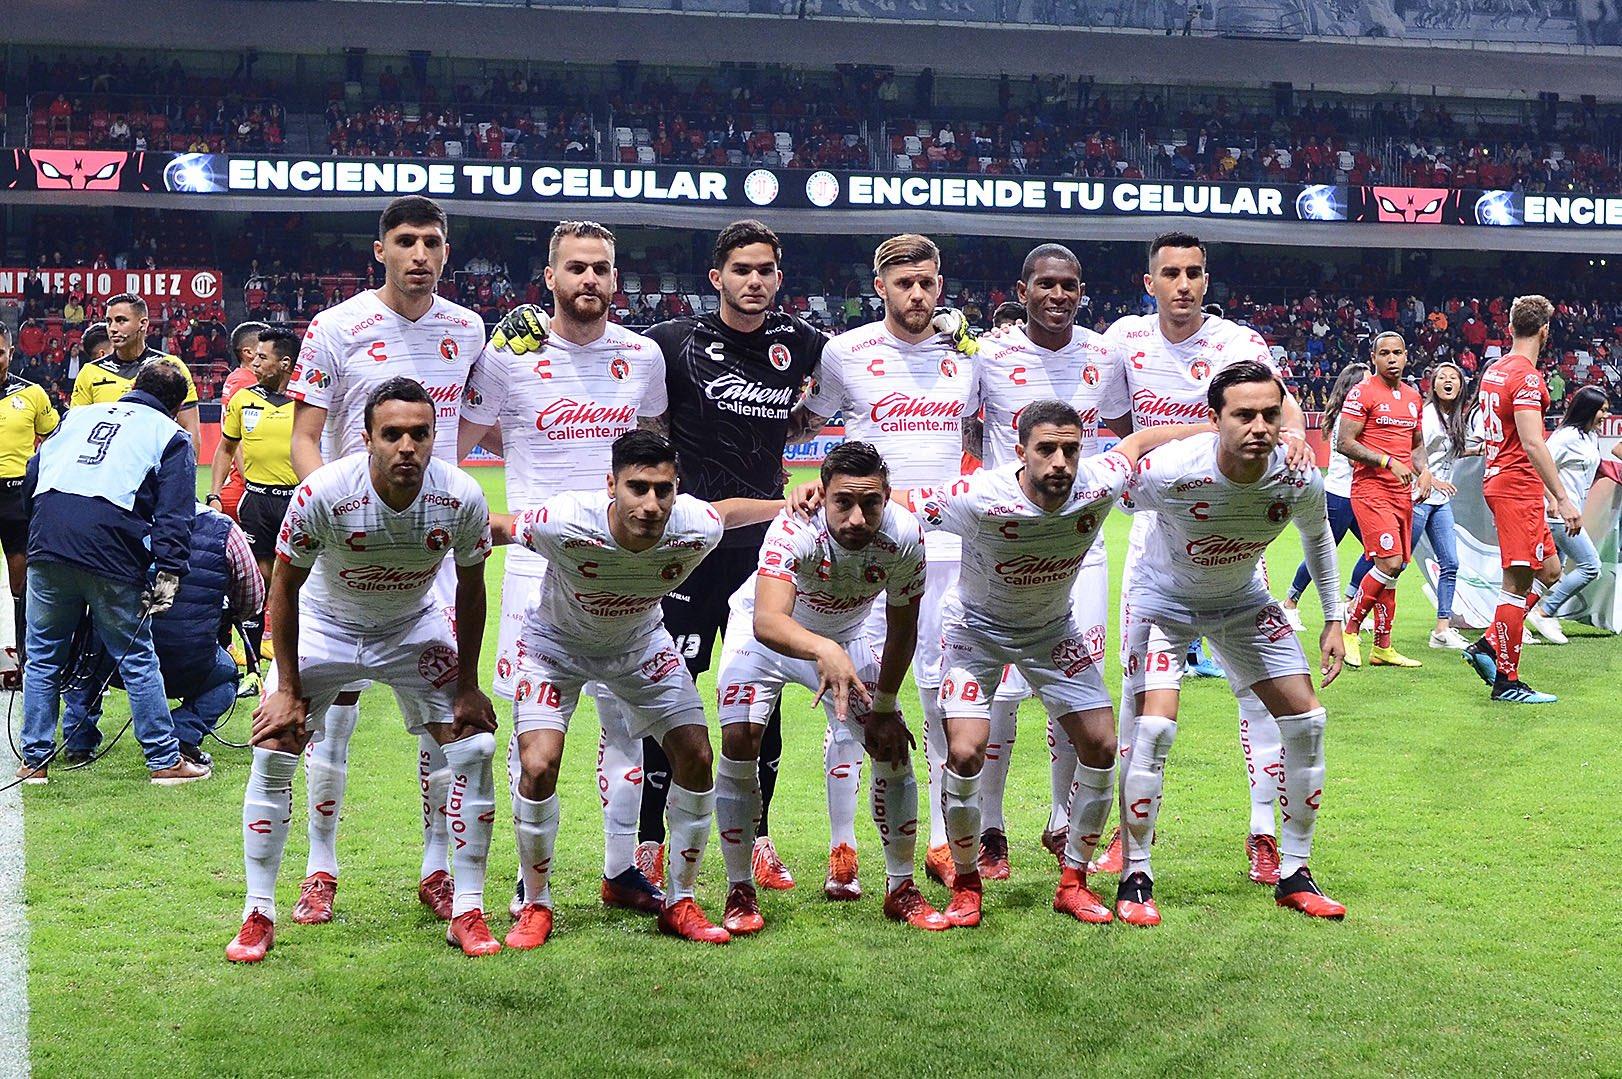 El equipo dirigido por Gustavo Quinteros, con actuación destacada de Brayan Angulo, se instaló en la gran final de la Copa MX